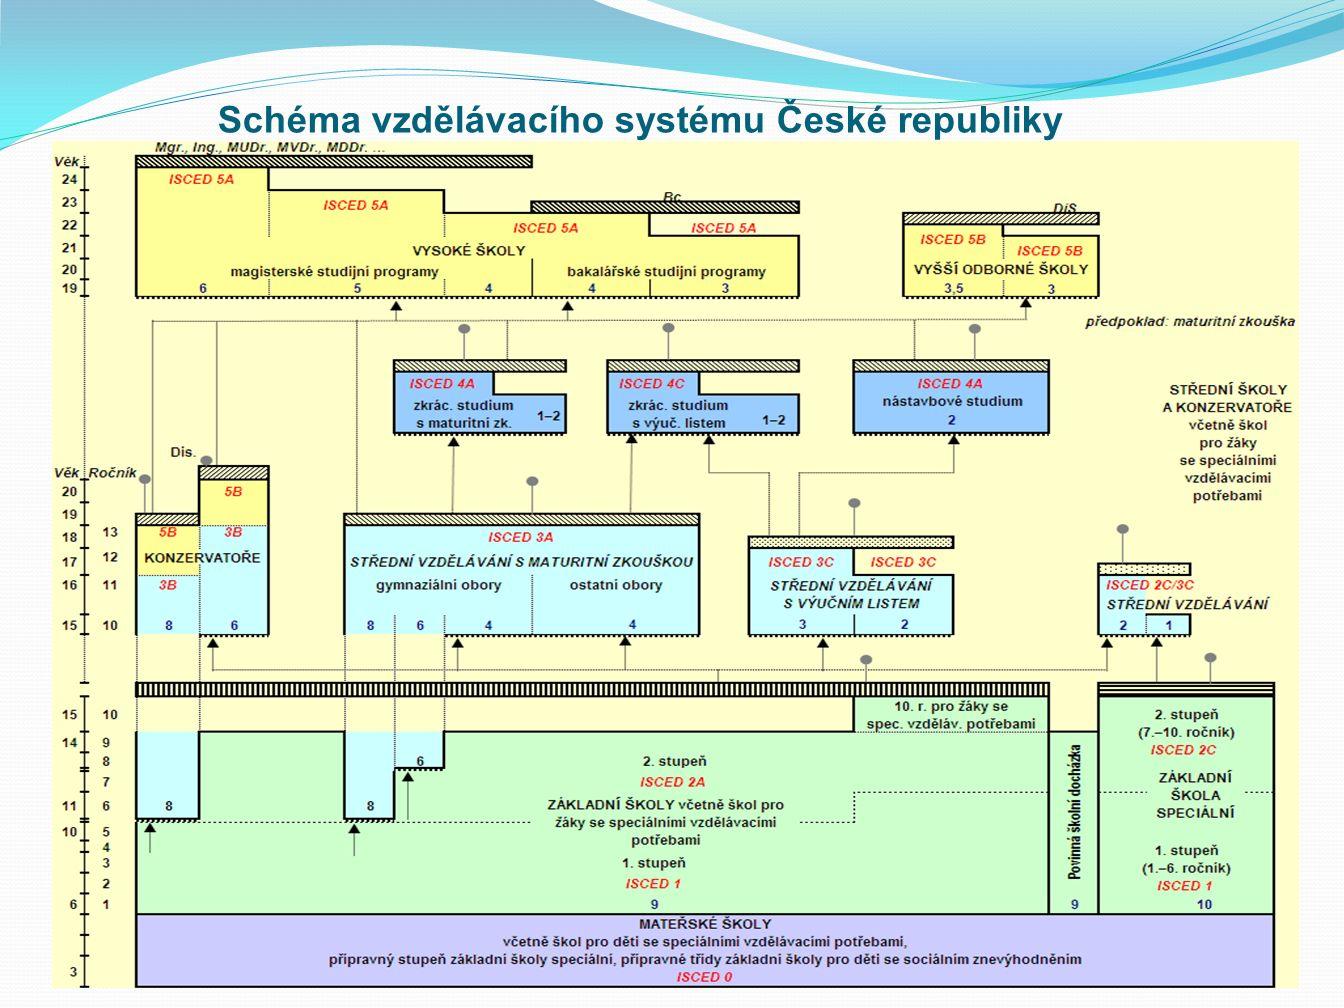 Schéma vzdělávacího systému České republiky